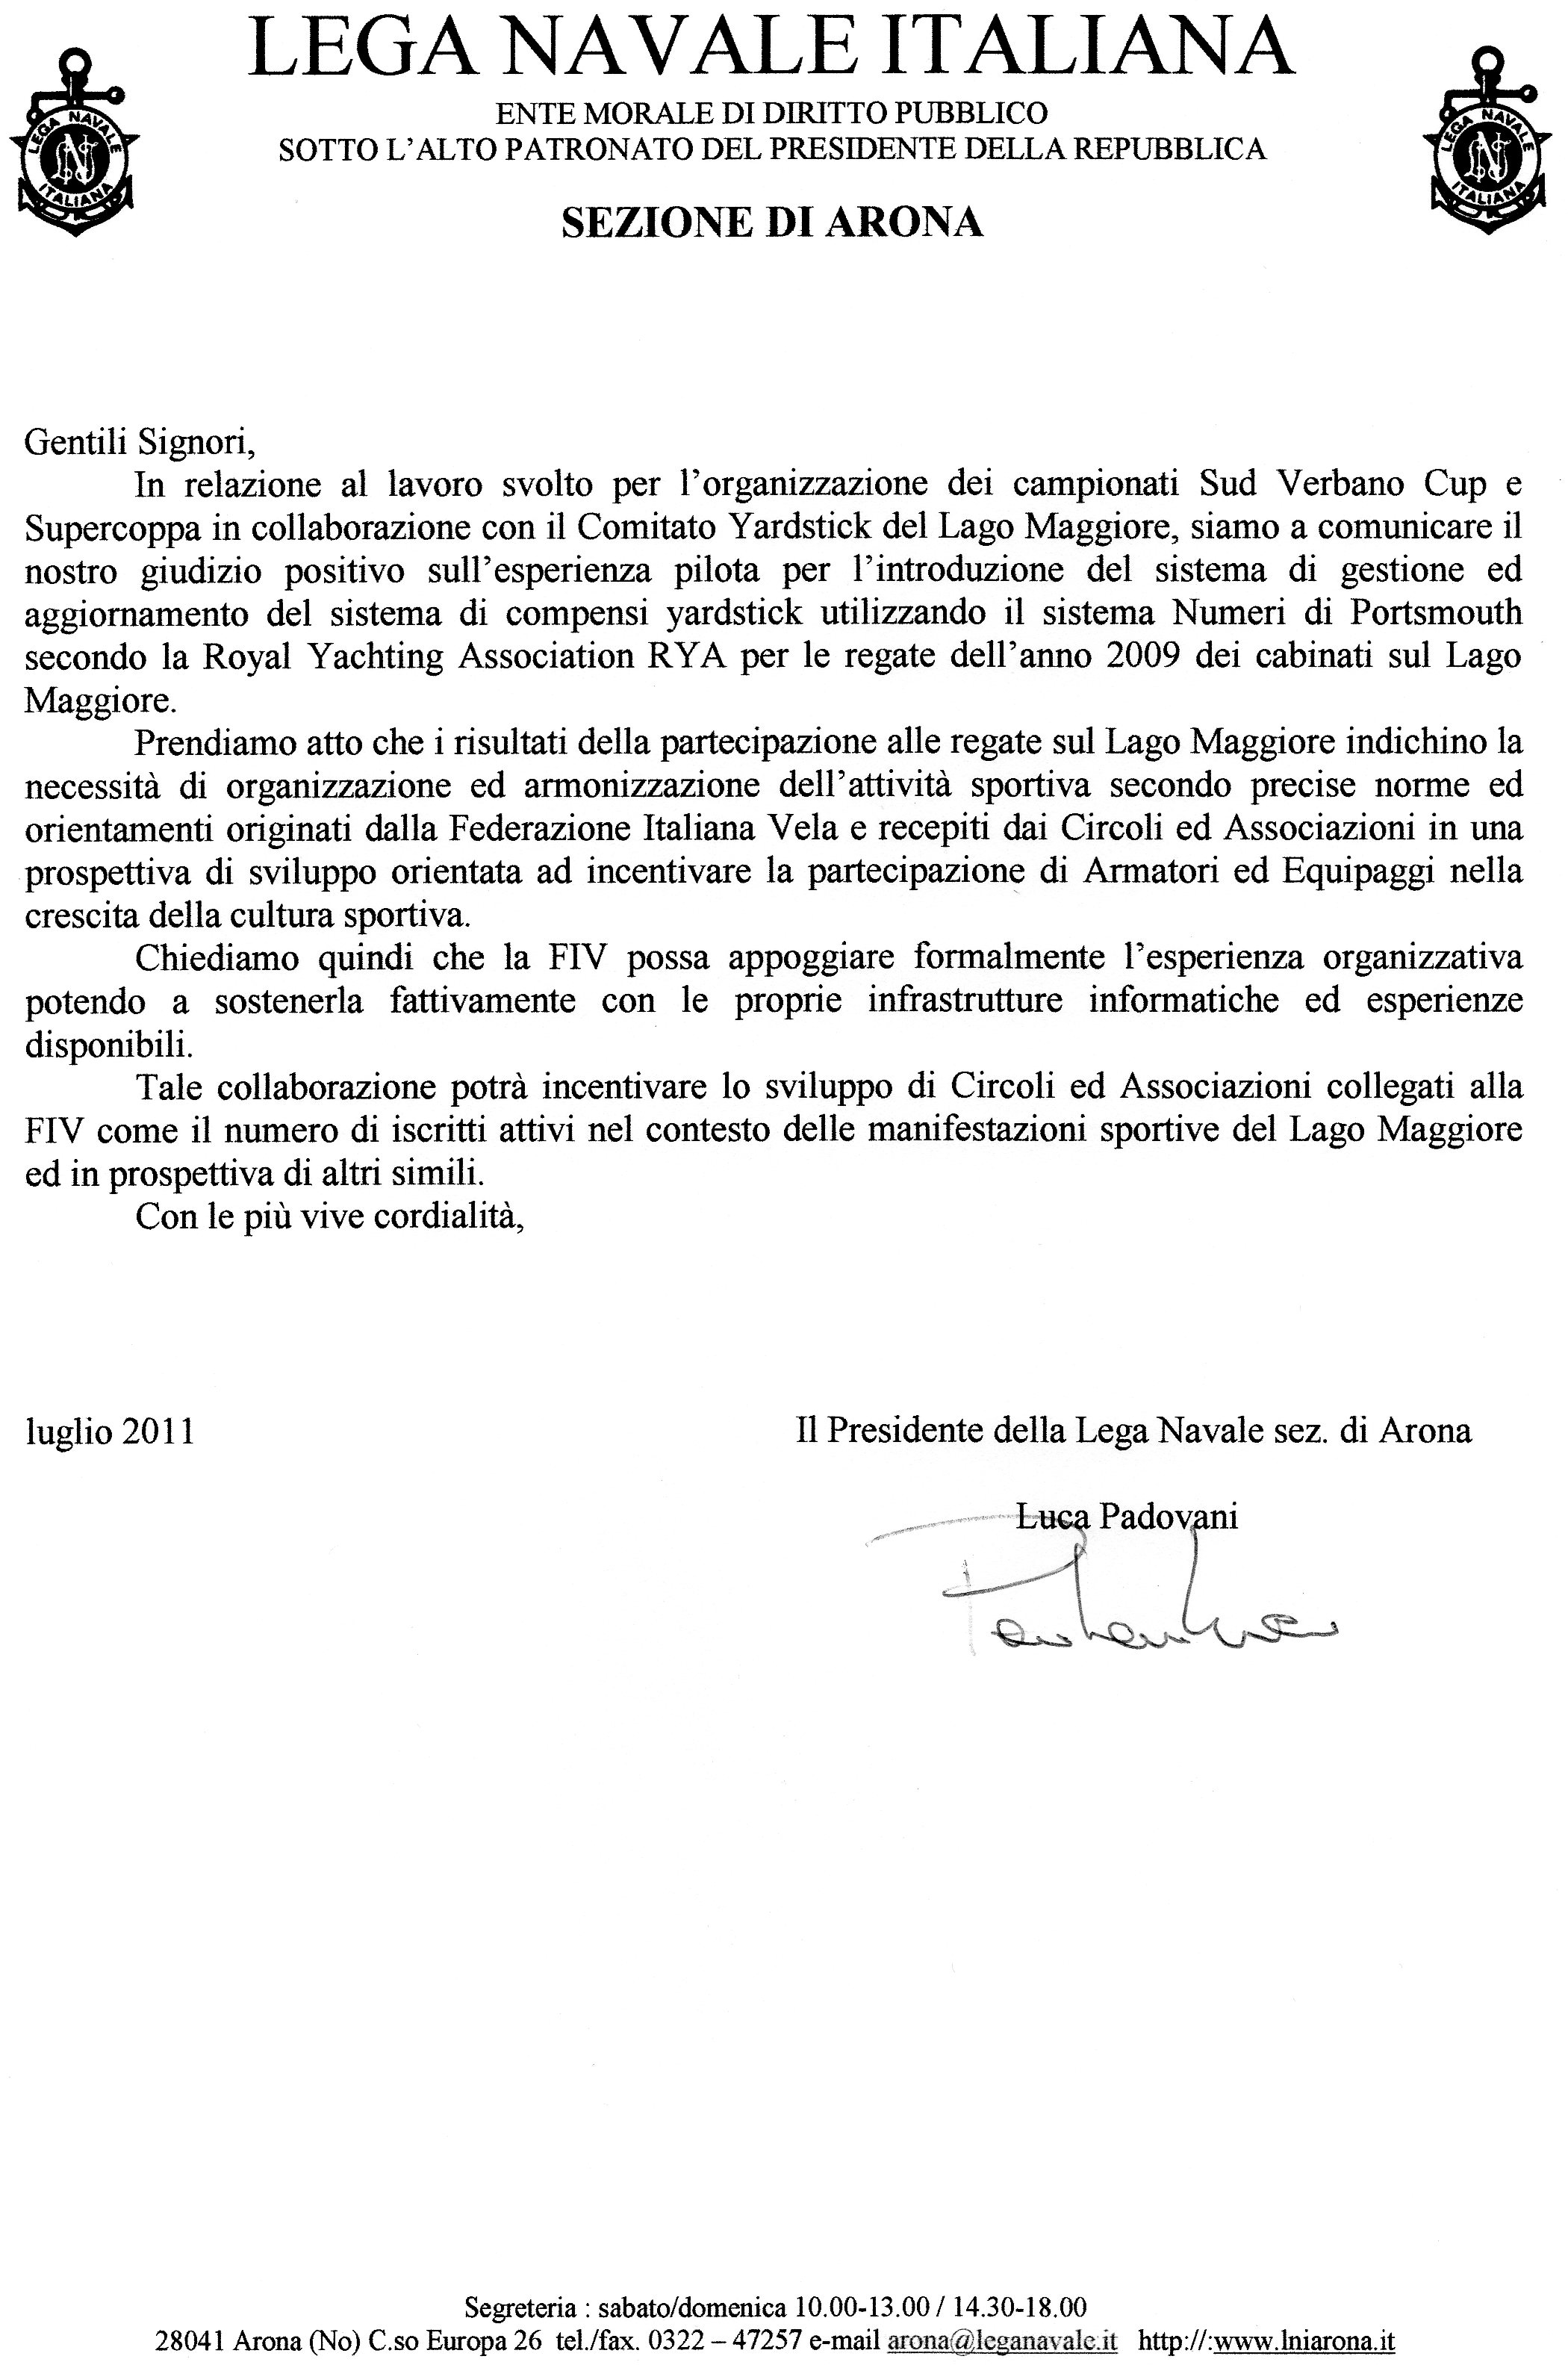 Lettera di adesione LNI Arona